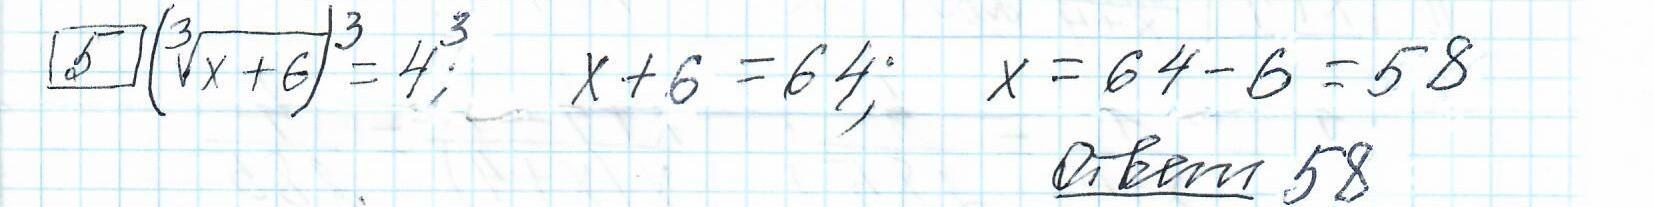 Задние 5, Вариант 8, решение и ответ - Ященко ЕГЭ 2019 математика профиль 36 вариантов